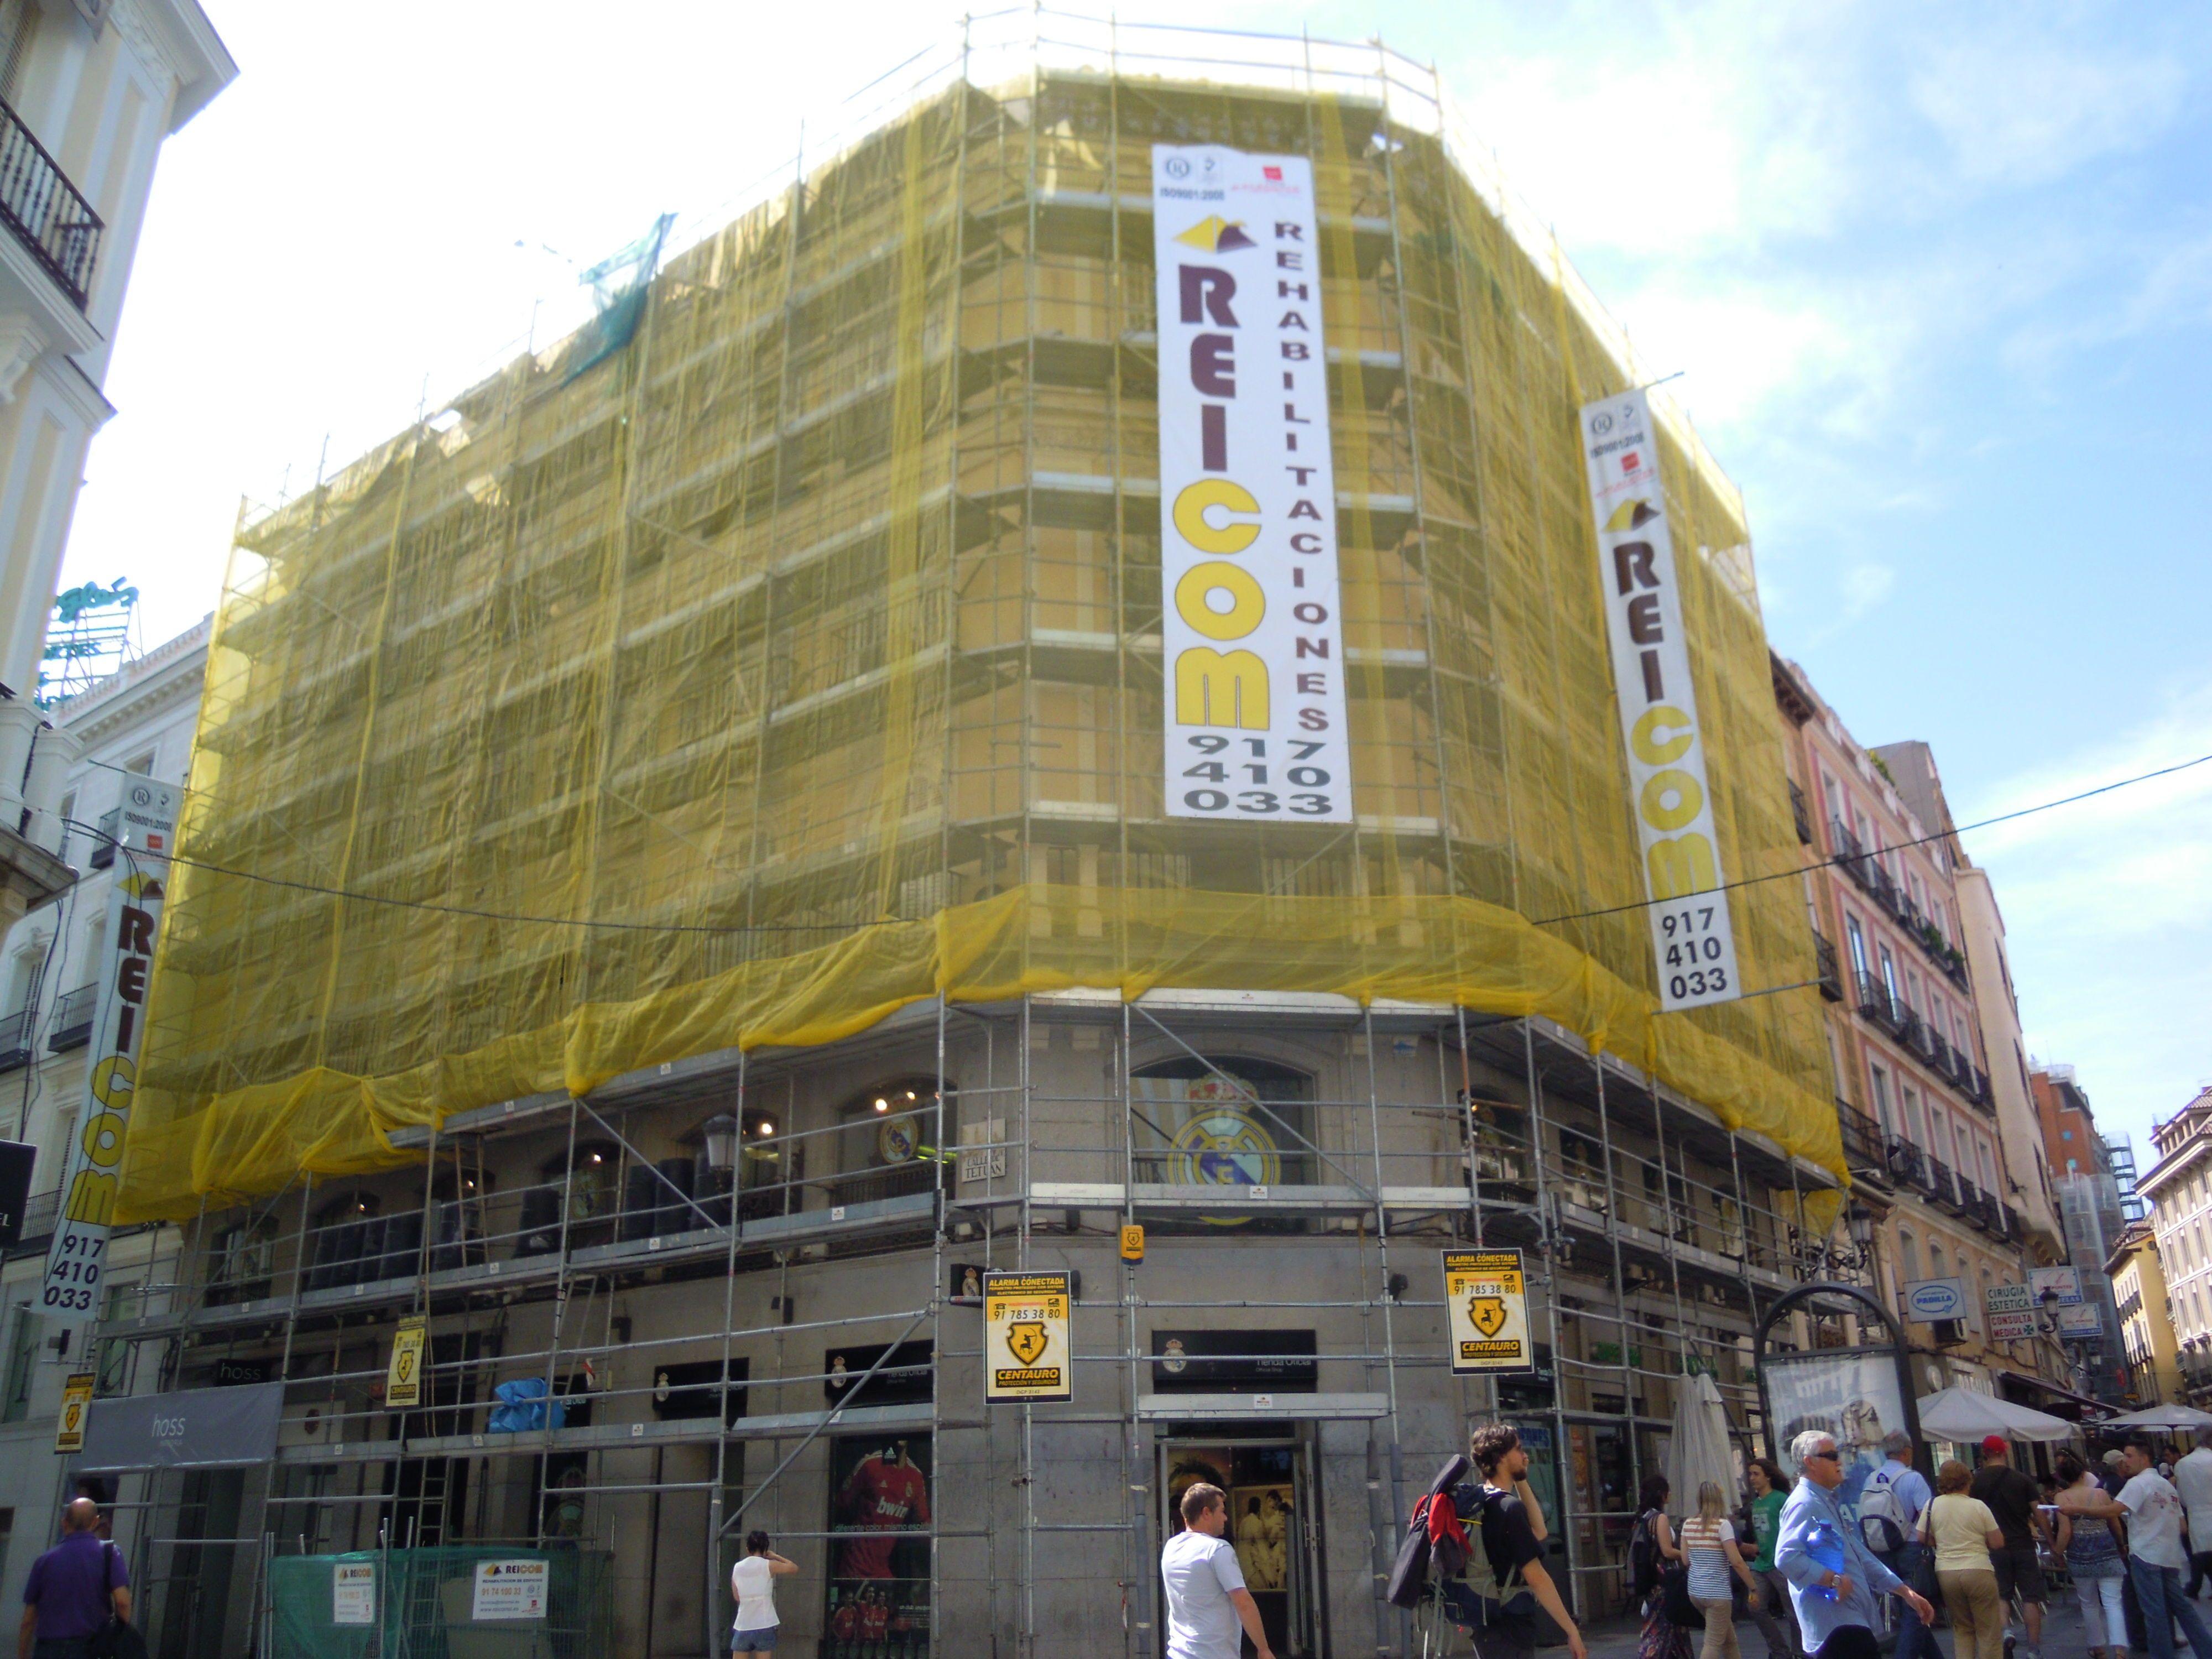 Entre las empresas de rehabilitaci n de edificios en el centro de madrid destaca reicom por la - Empresas domotica madrid ...